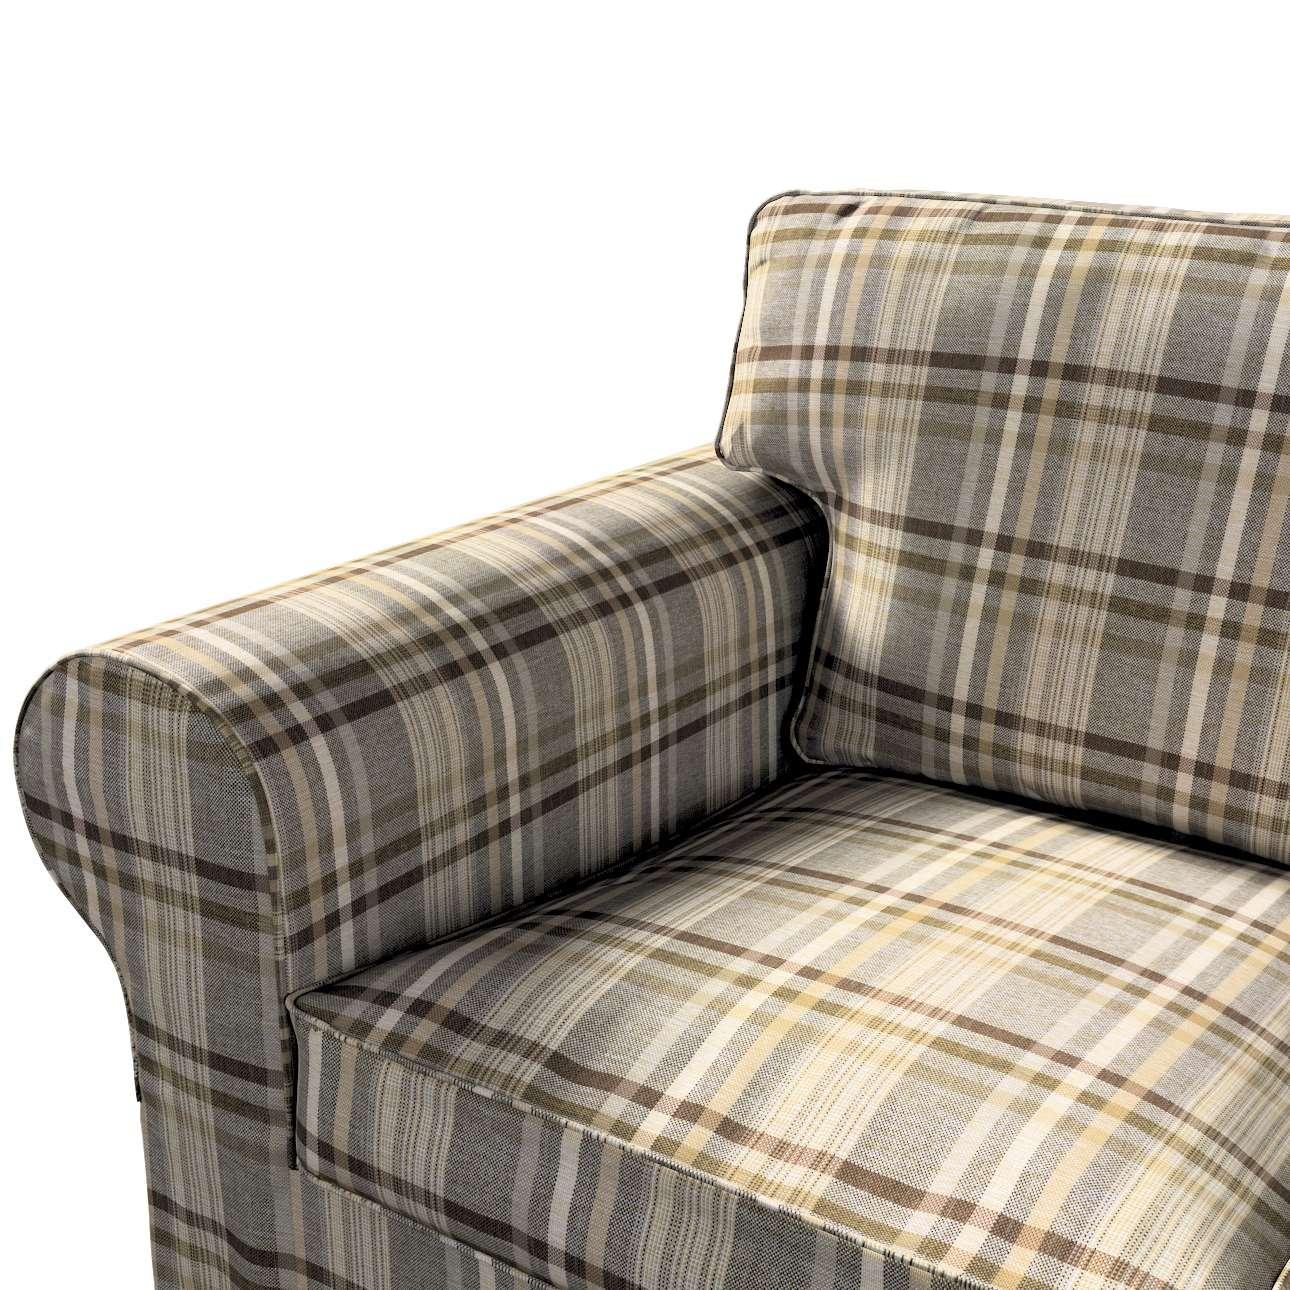 Pokrowiec na sofę Ektorp 3-osobową, rozkładaną w kolekcji Edinburgh, tkanina: 703-17